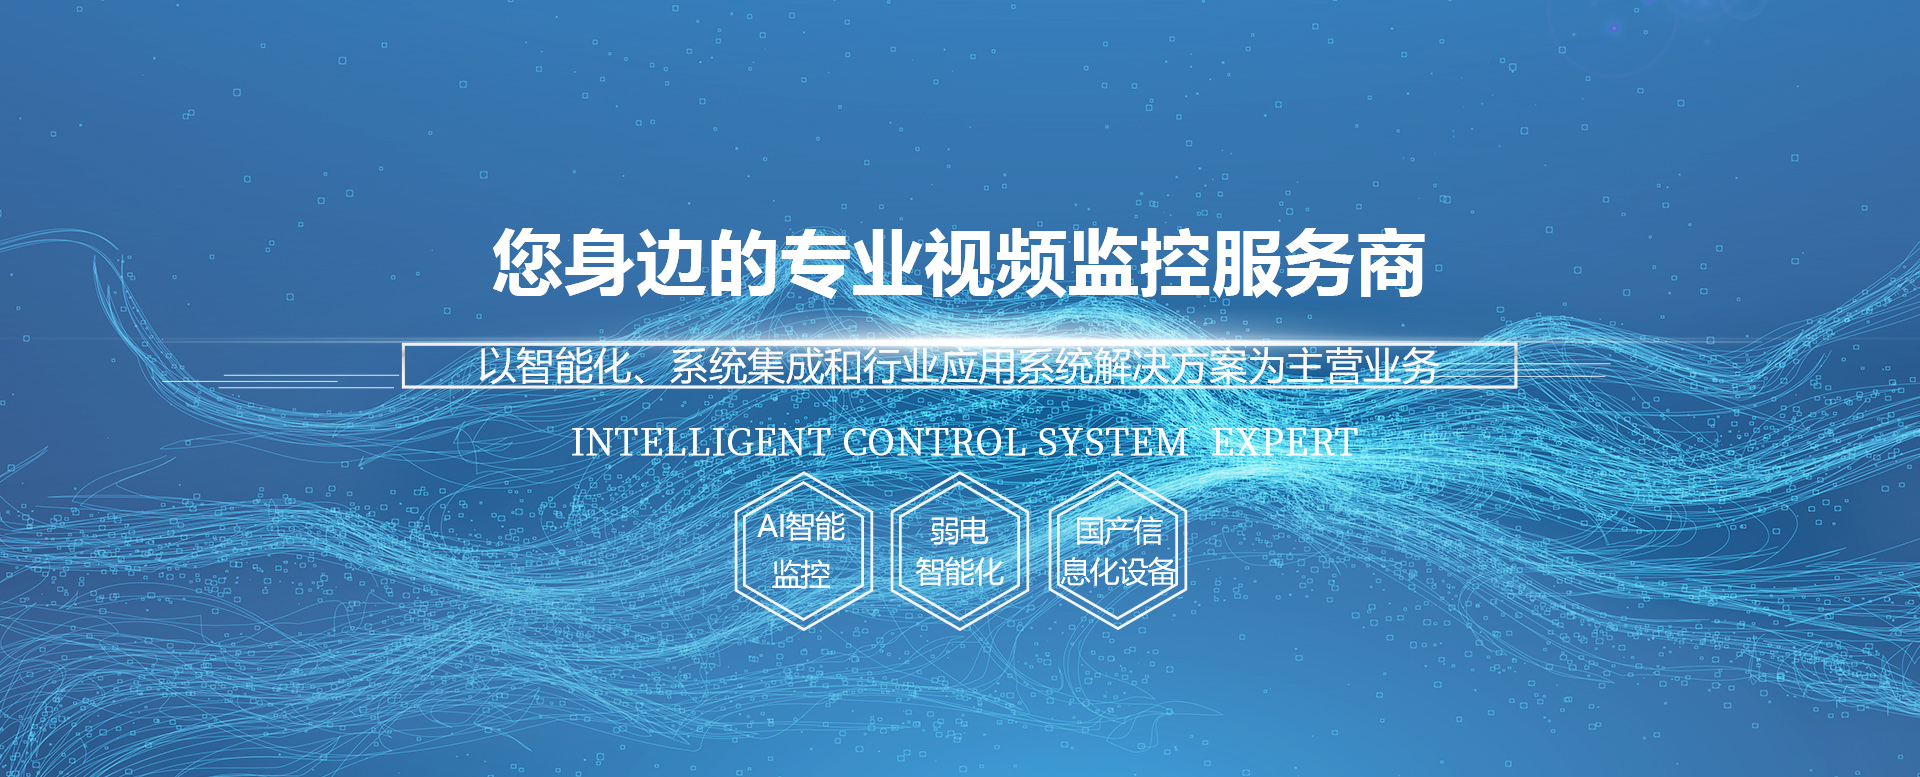 国产信息化设备